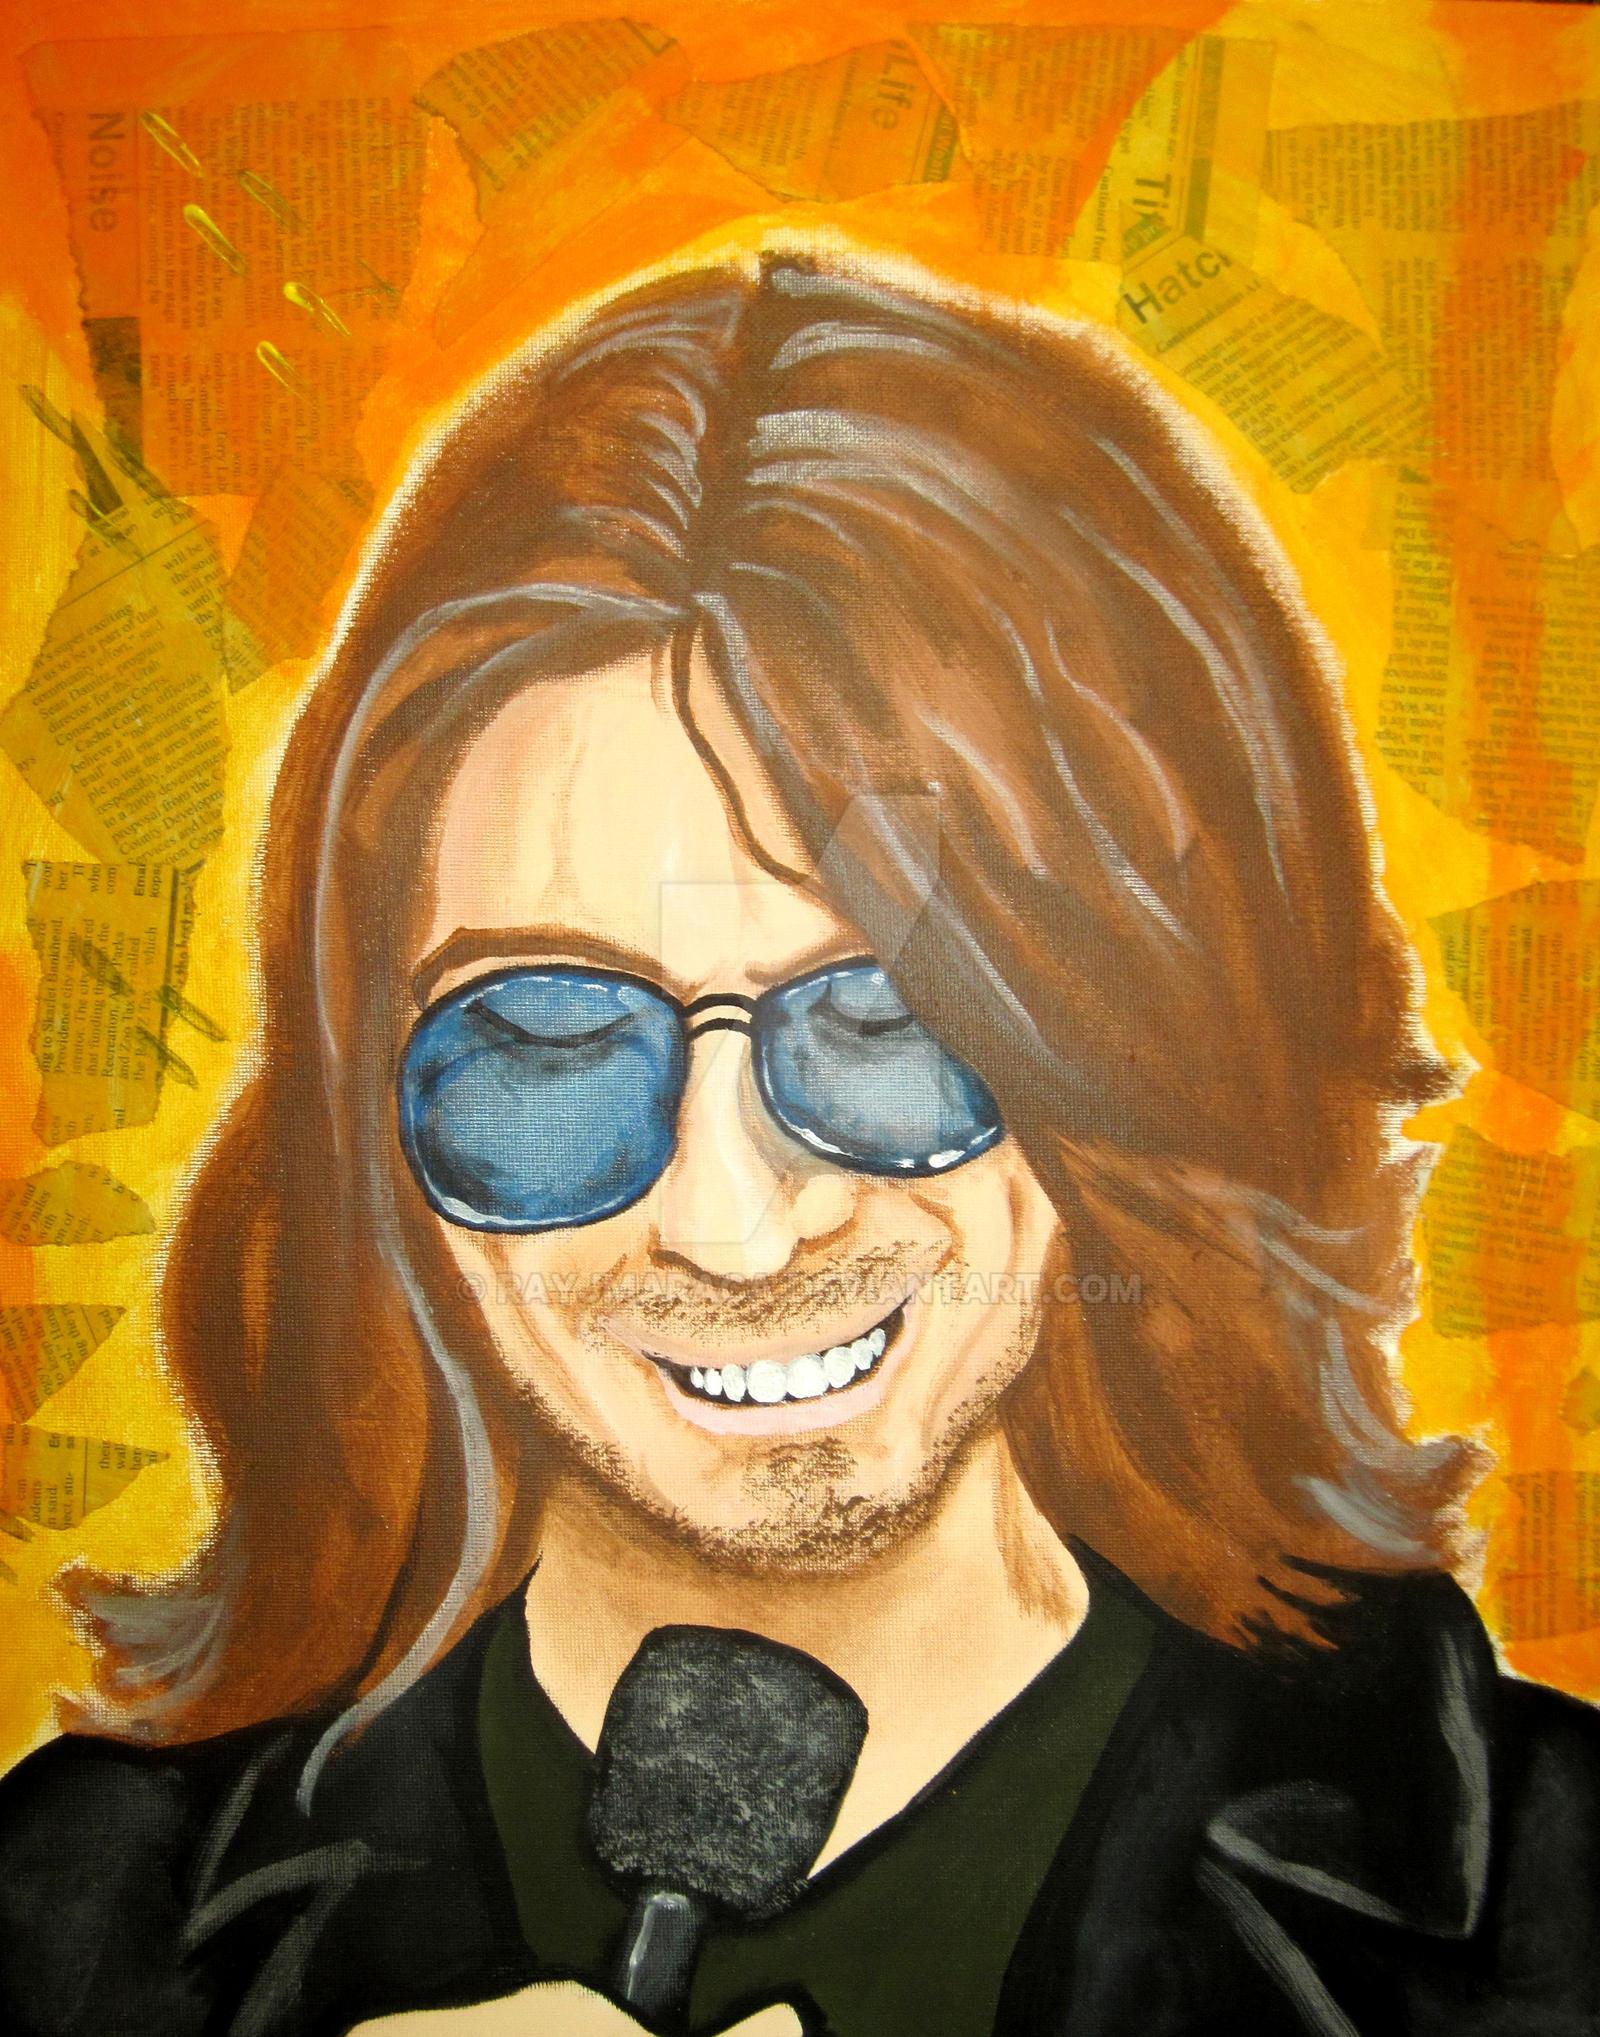 Mitch Hedberg by Rayjmaraca